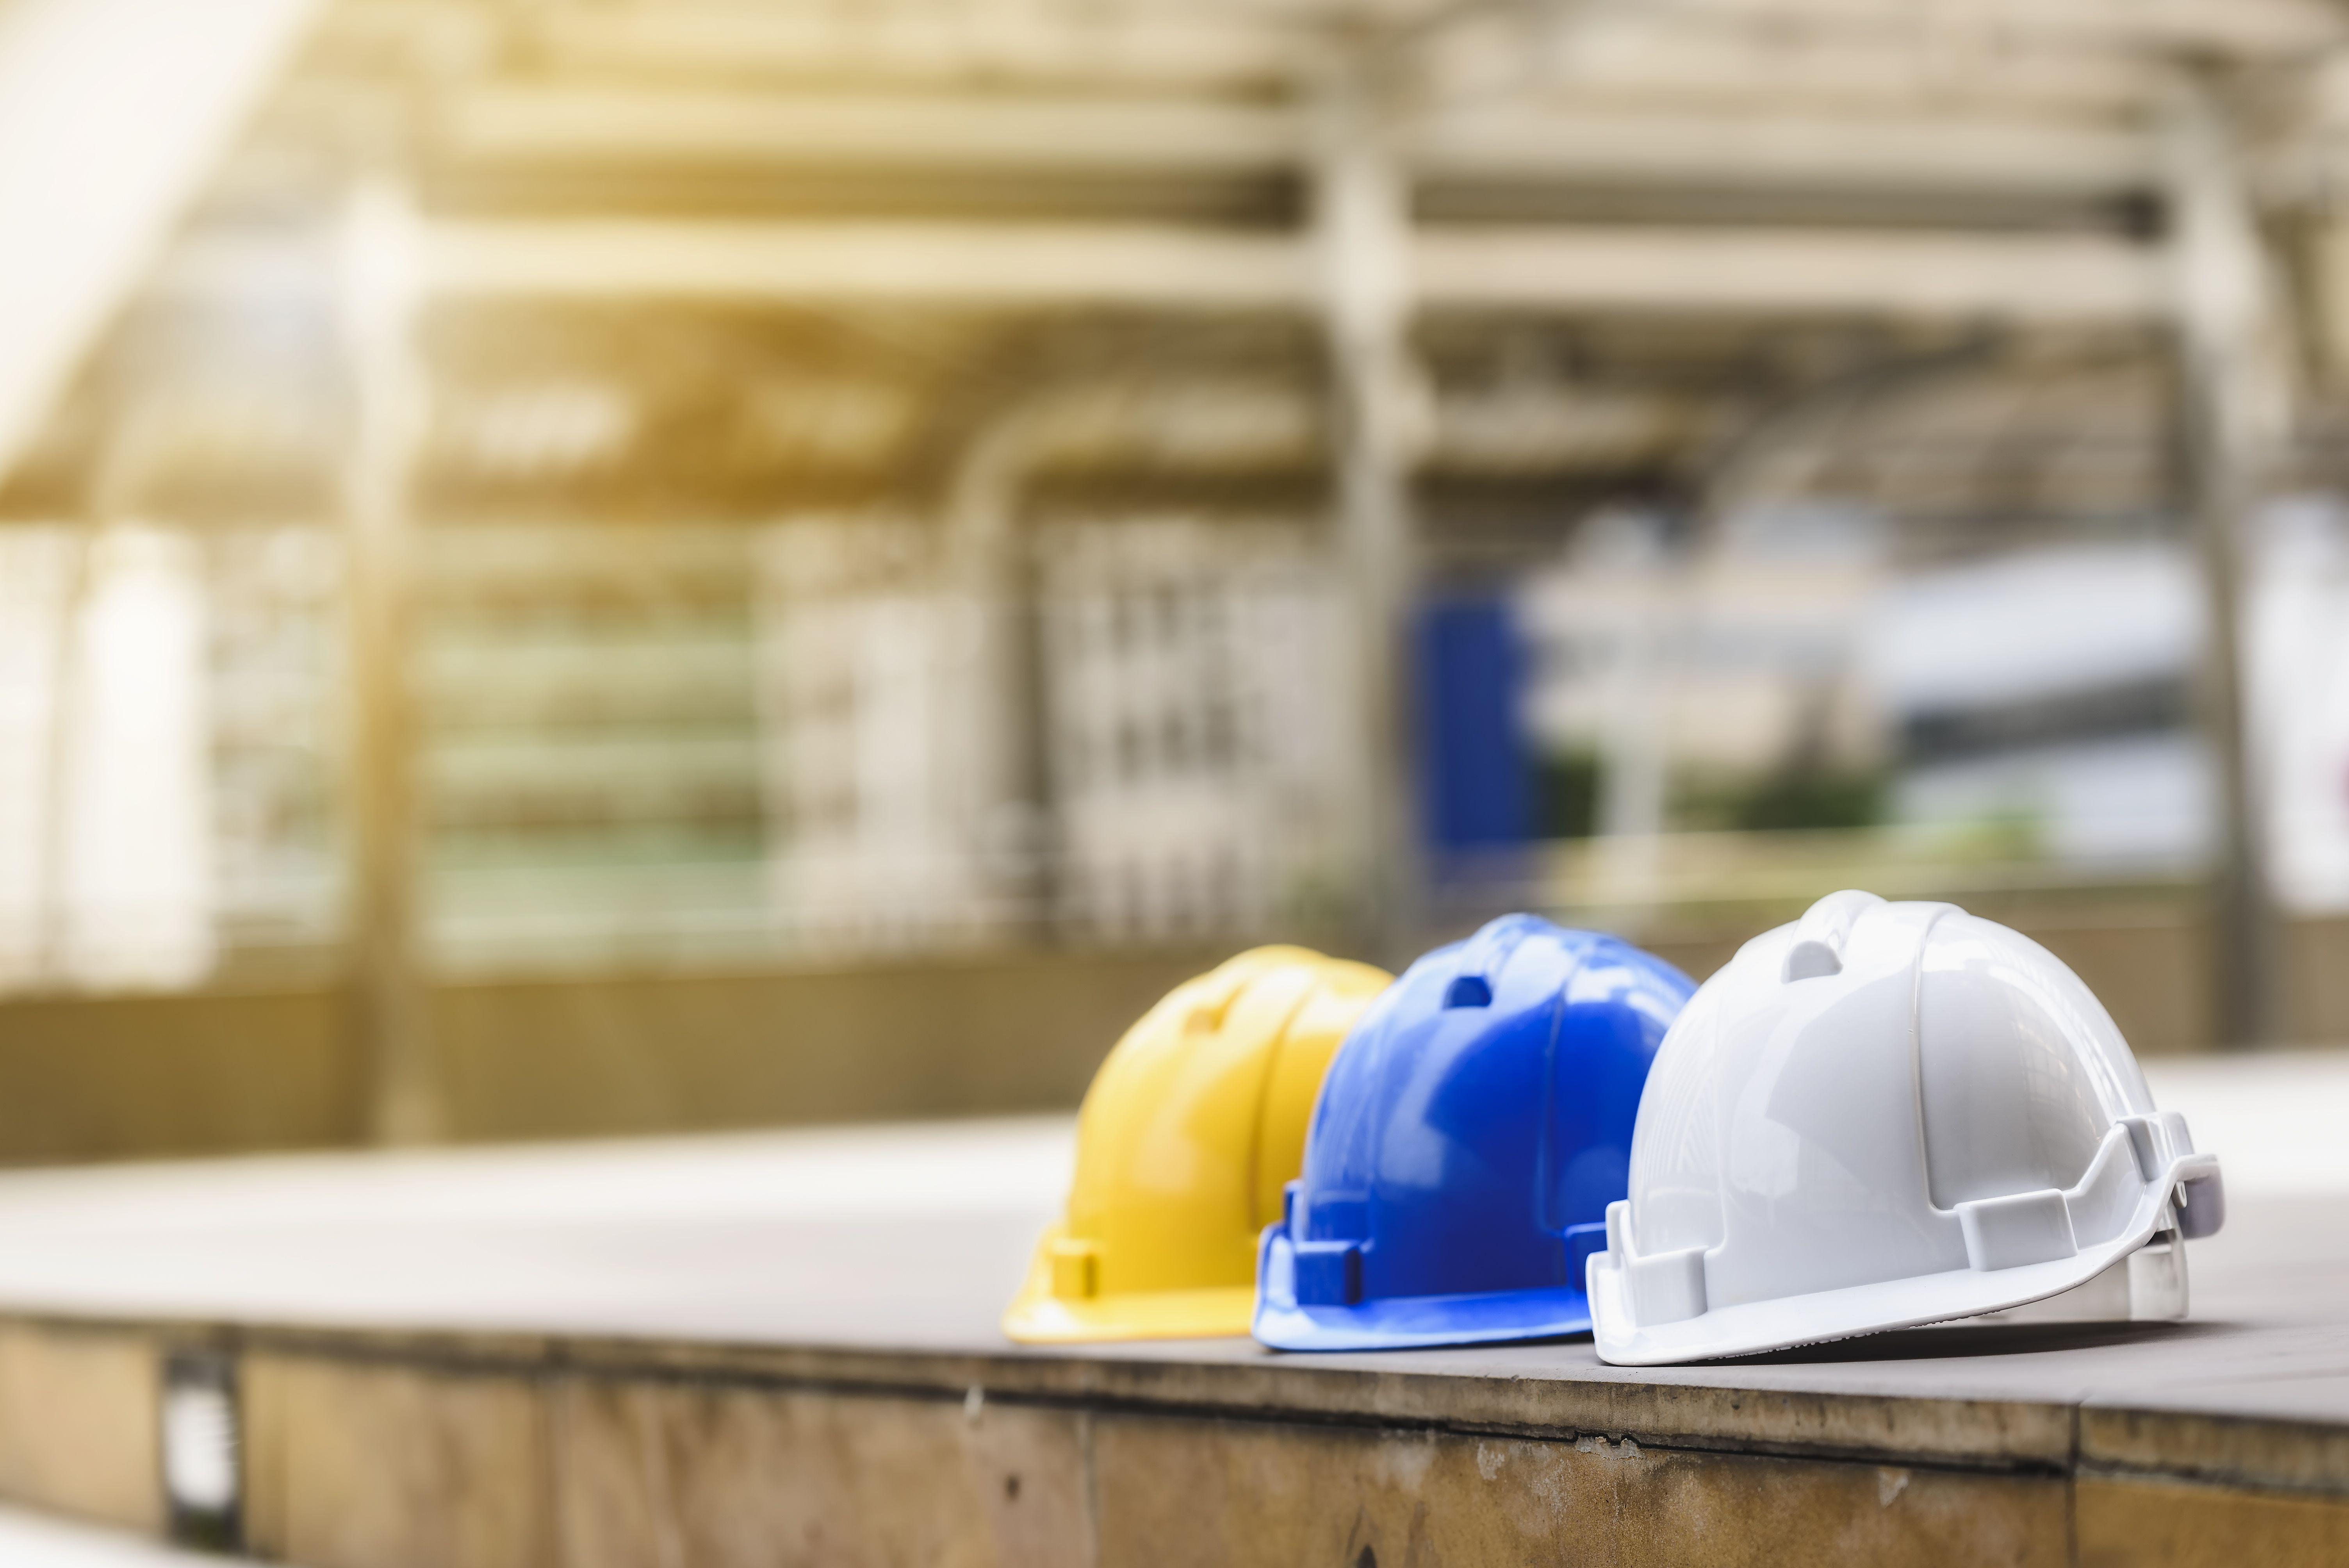 Distribución de equipamiento laboral a nivel nacional